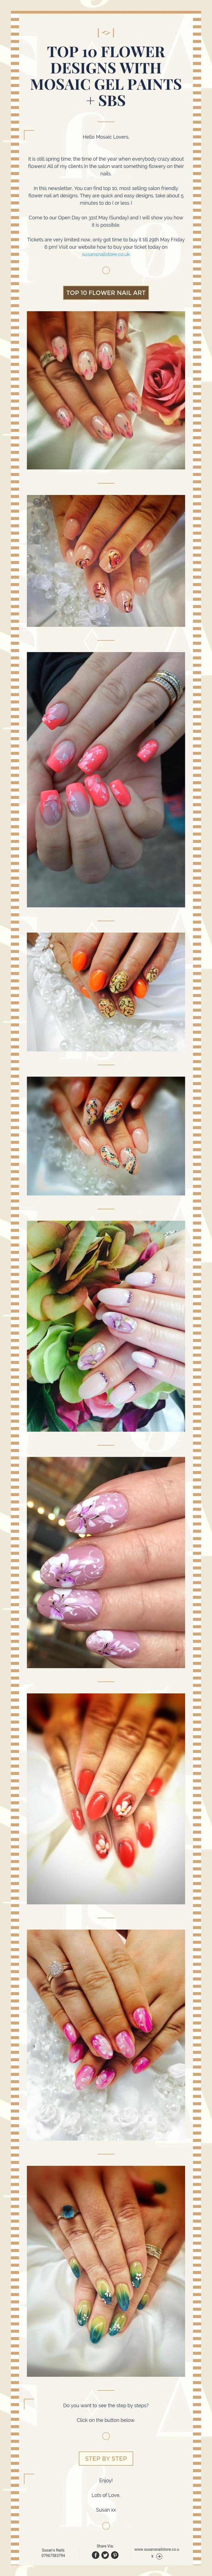 Top 10 flower designs with mosaic gel paints   sbs